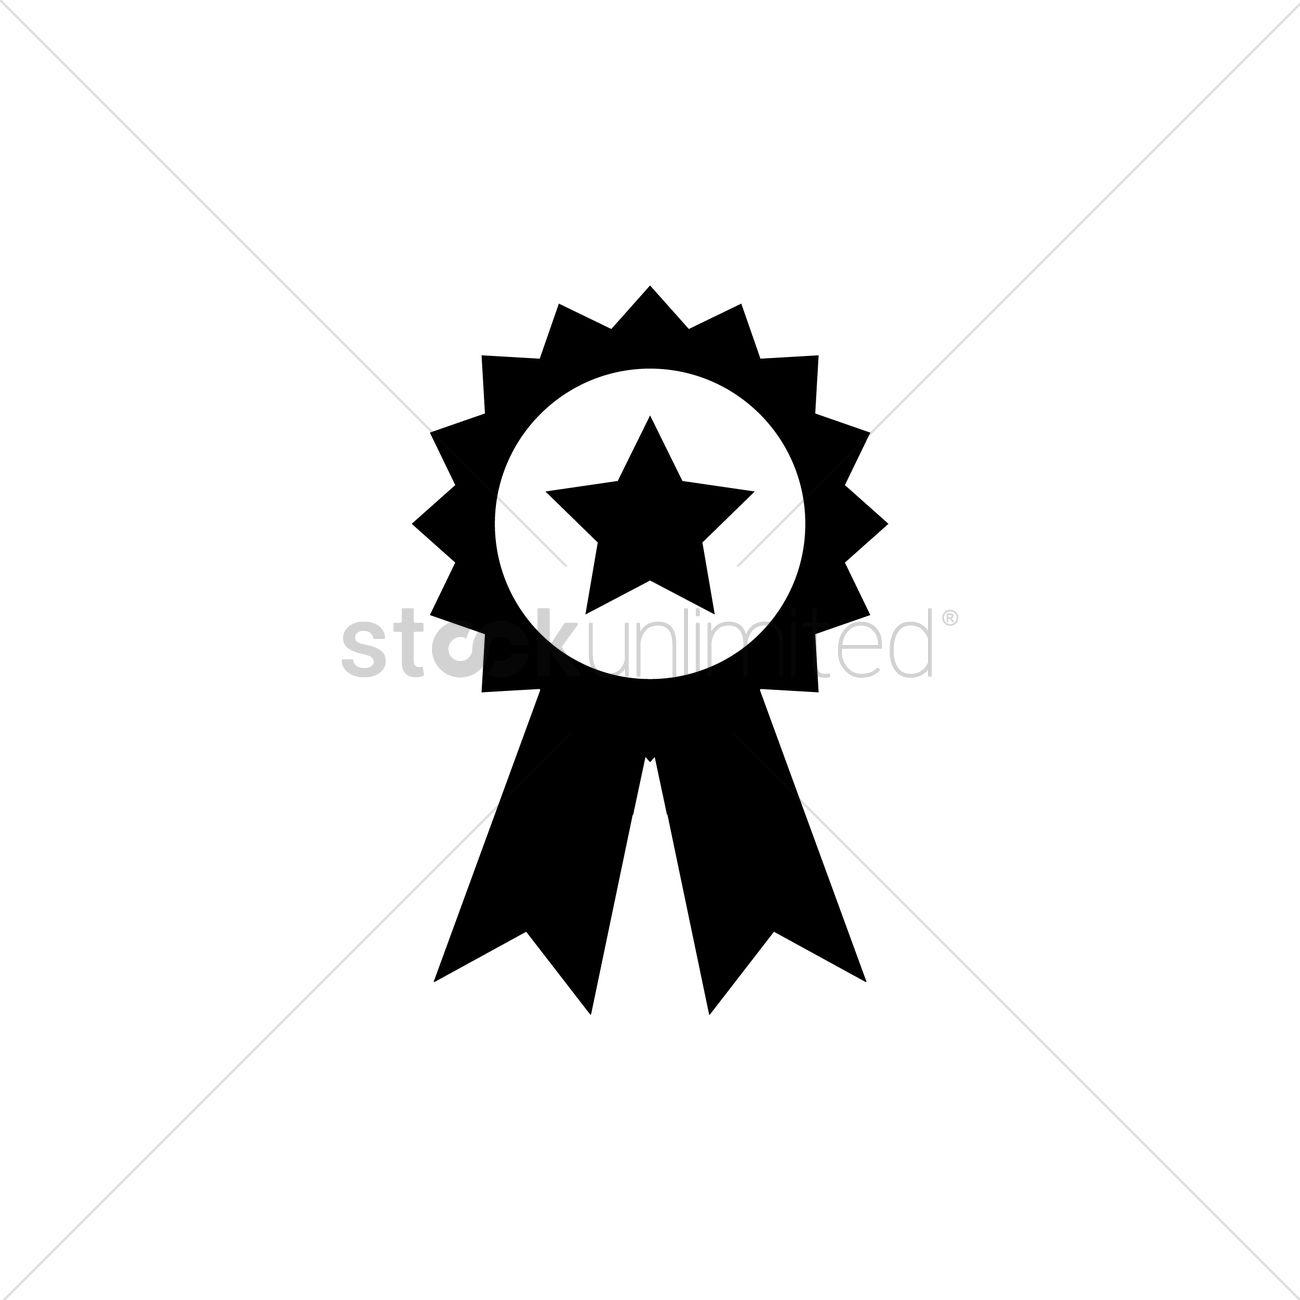 1300x1300 Award Ribbon Vector Image